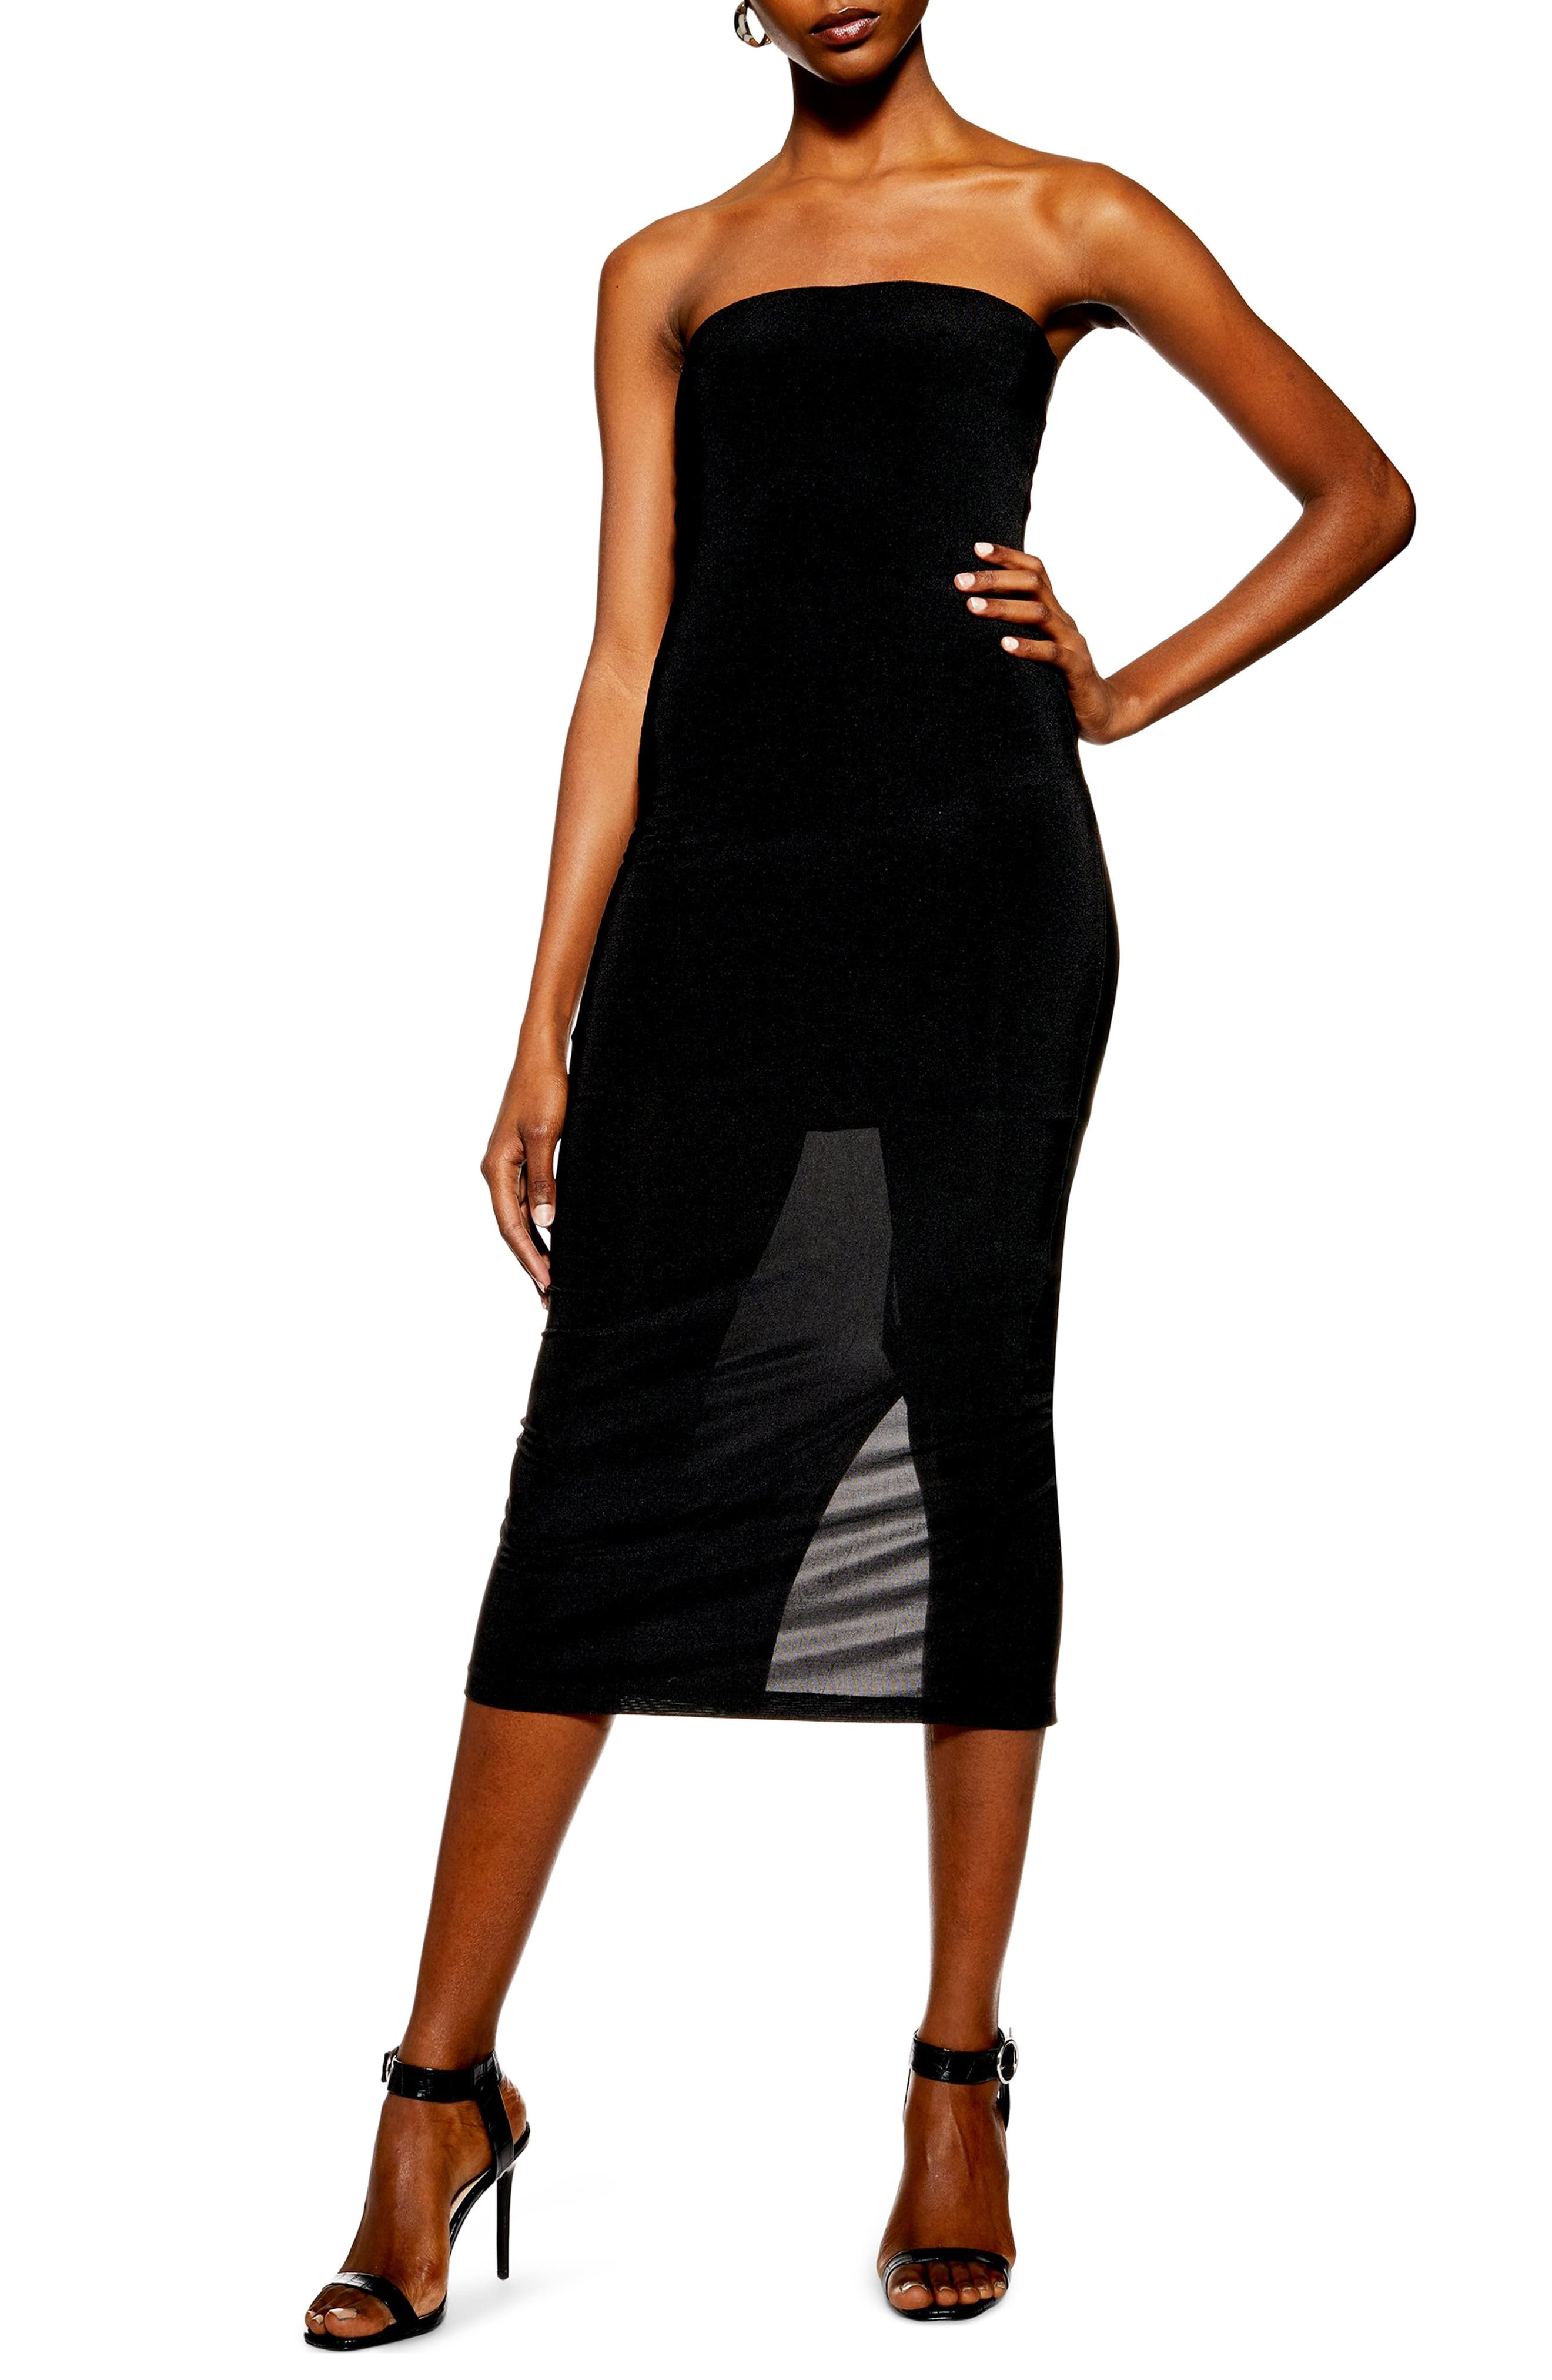 c02706f67d Topshop Slinky Strapless Midi Dress, US (fits like 2-4) - Black